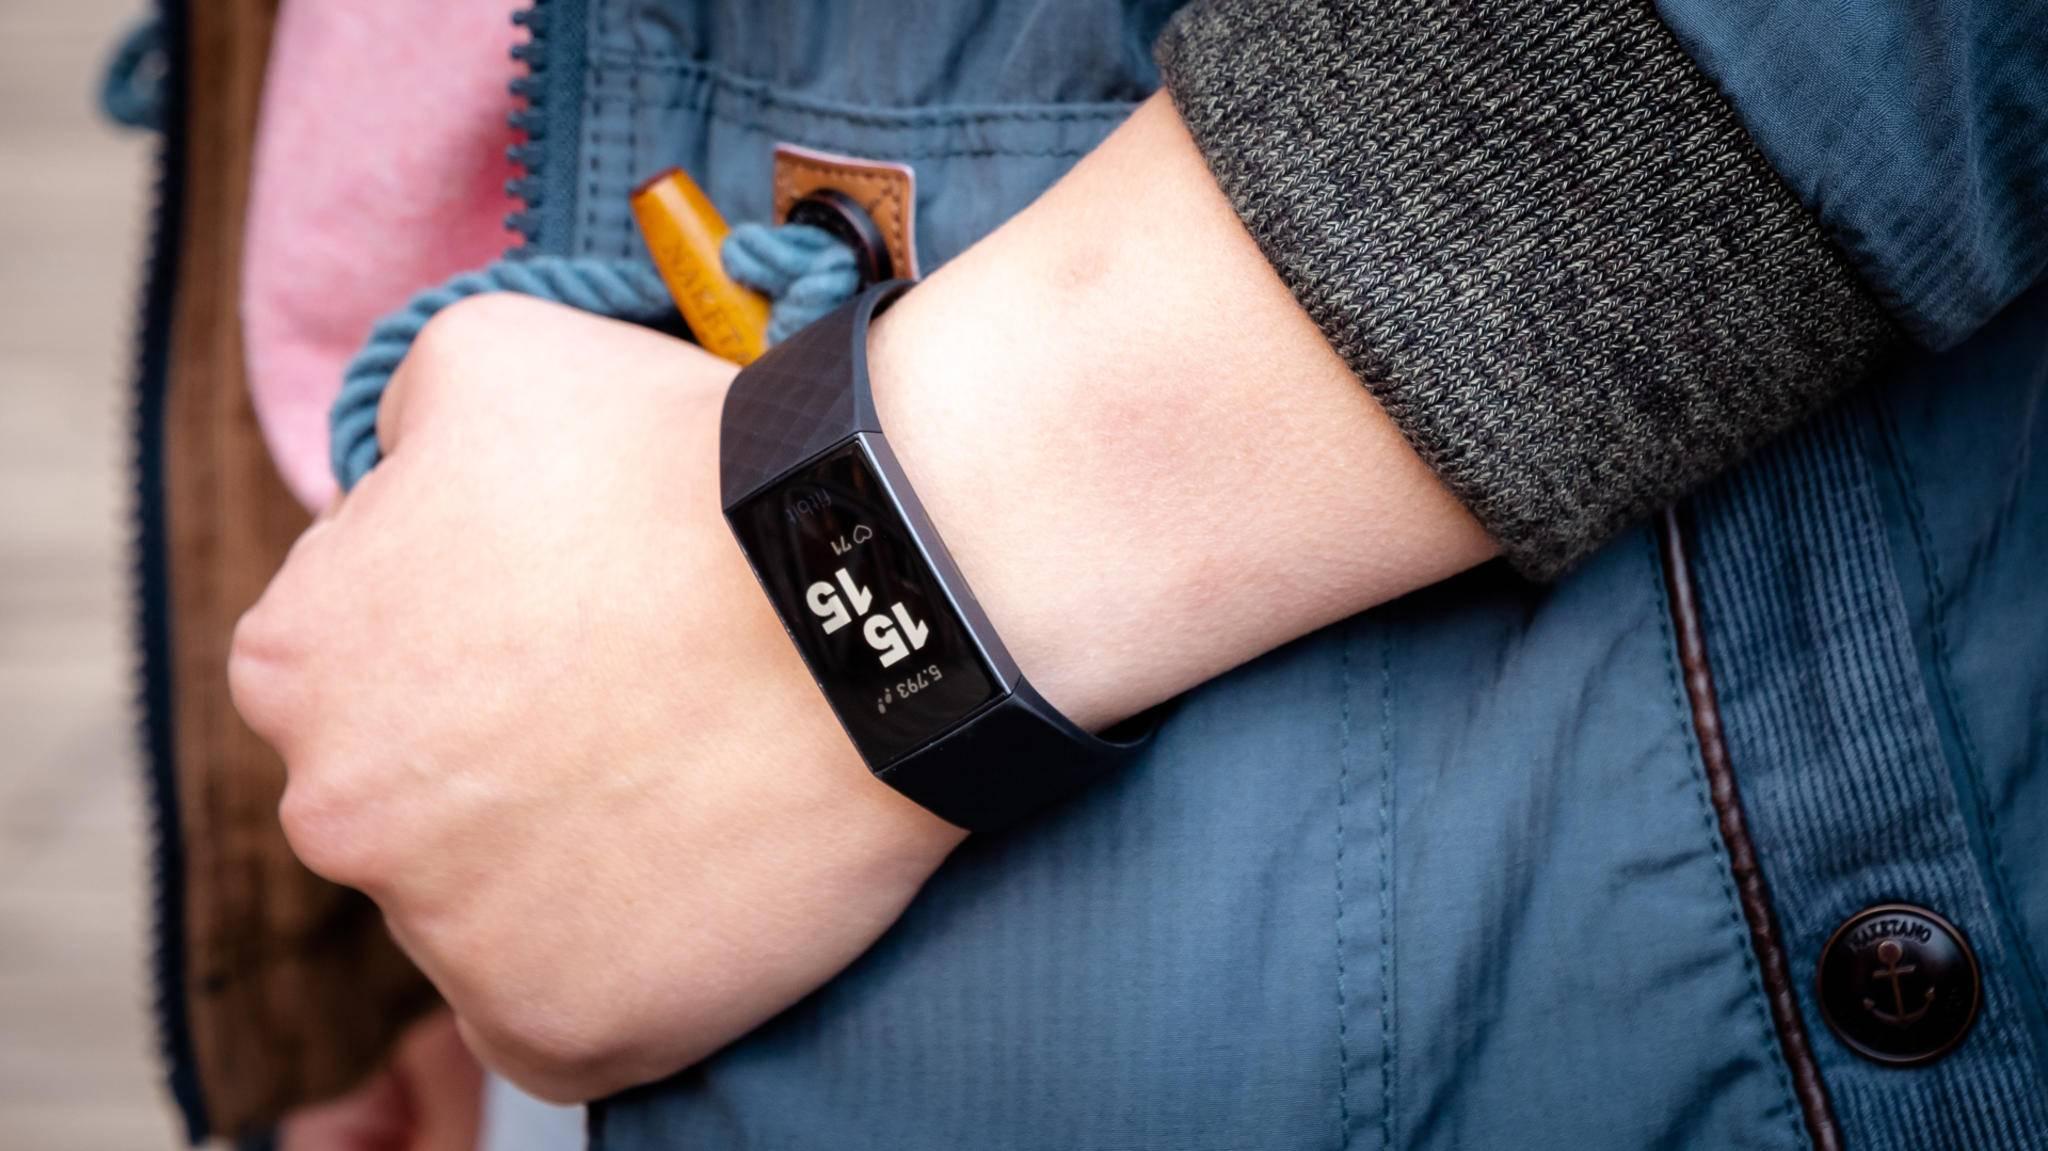 Nach nur wenigen Schritten ist der Fitbit Charge 3 auch schon betriebsbereit.